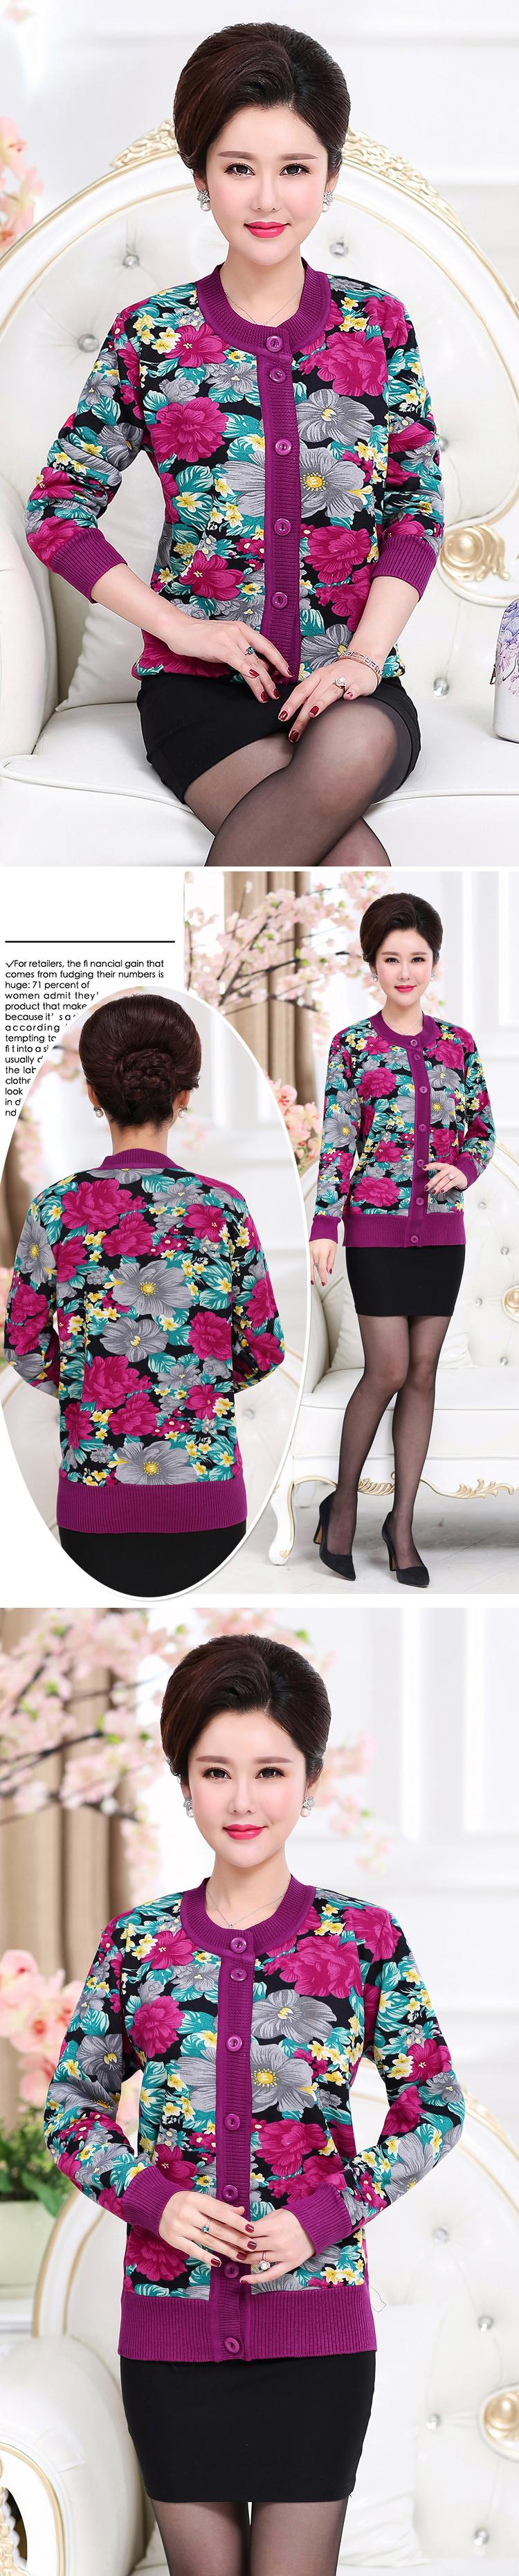 WAEOLSA Winter Woman Flower Cardigan Sweaters Middle Aged Women\`s Thicken Fleece Knitwear Lady Knied Cardigan Sweater Warm Top Mother (12)